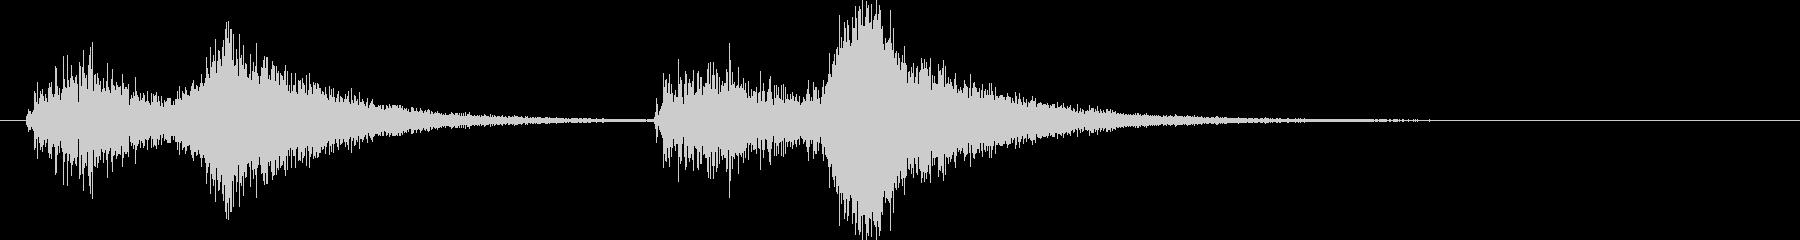 オーケストラでジャジャン ジャジャン1の未再生の波形